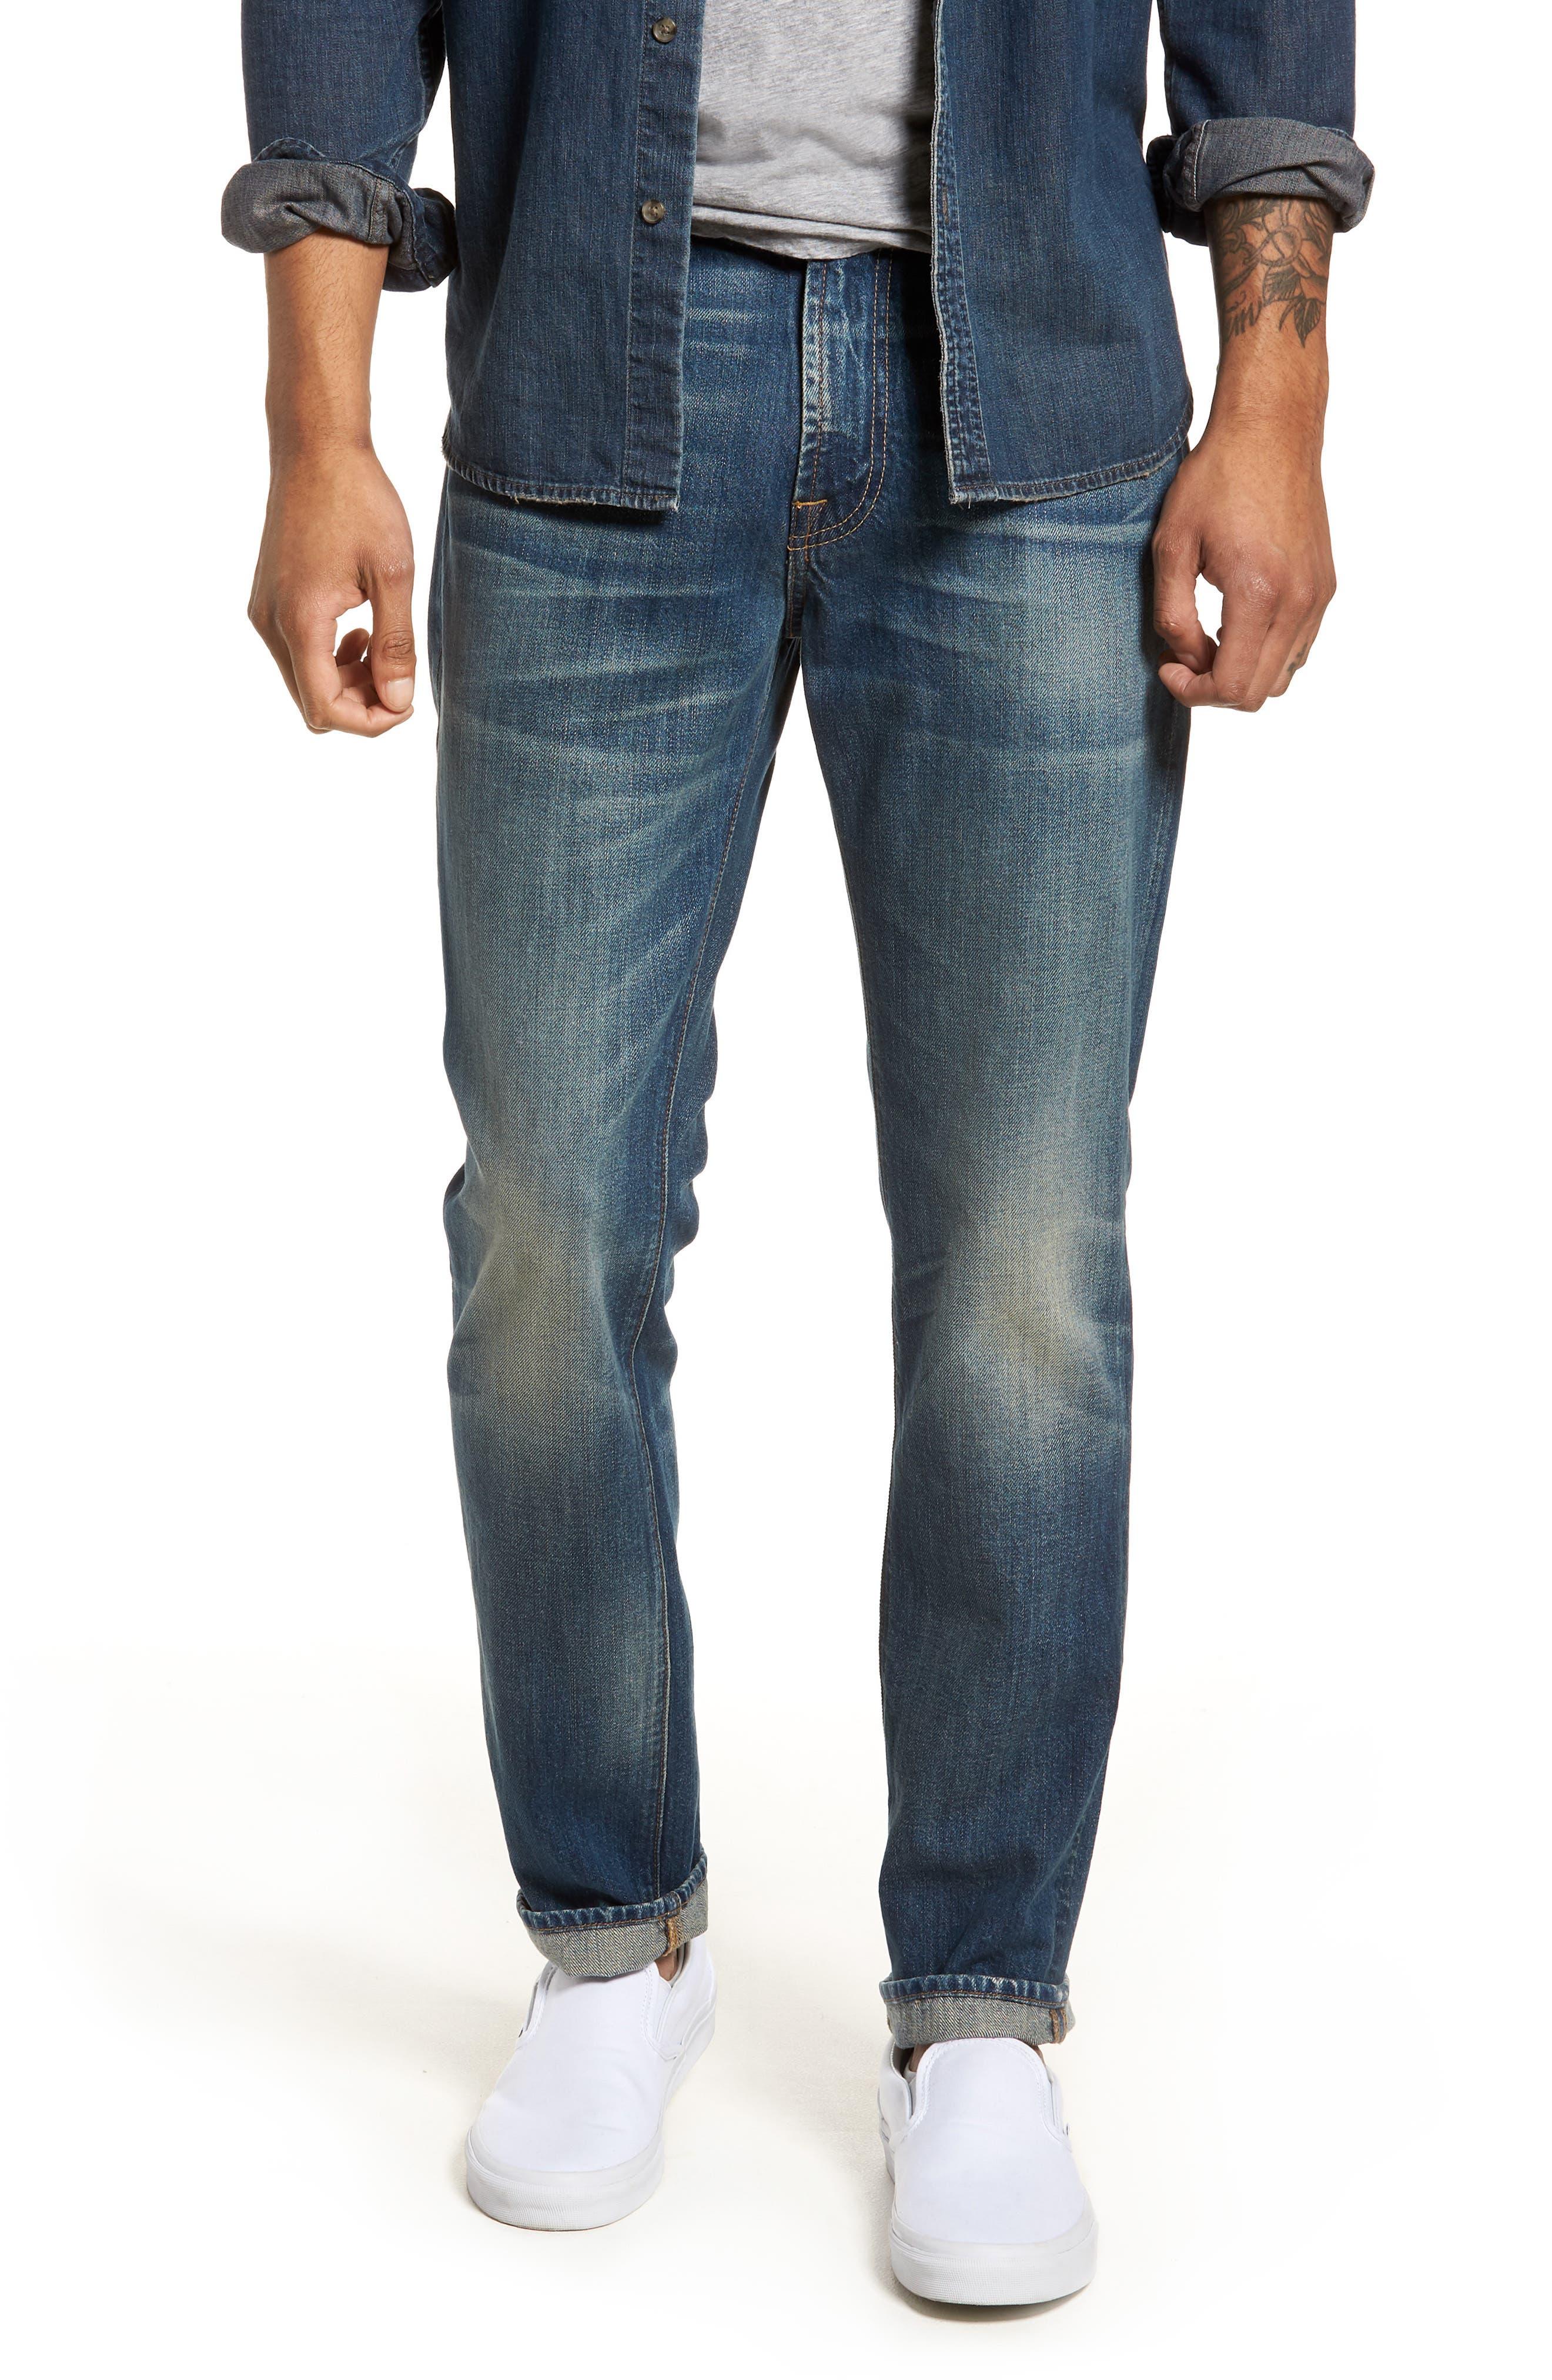 Adrien Slim Fit Jeans,                             Main thumbnail 1, color,                             LEGEND